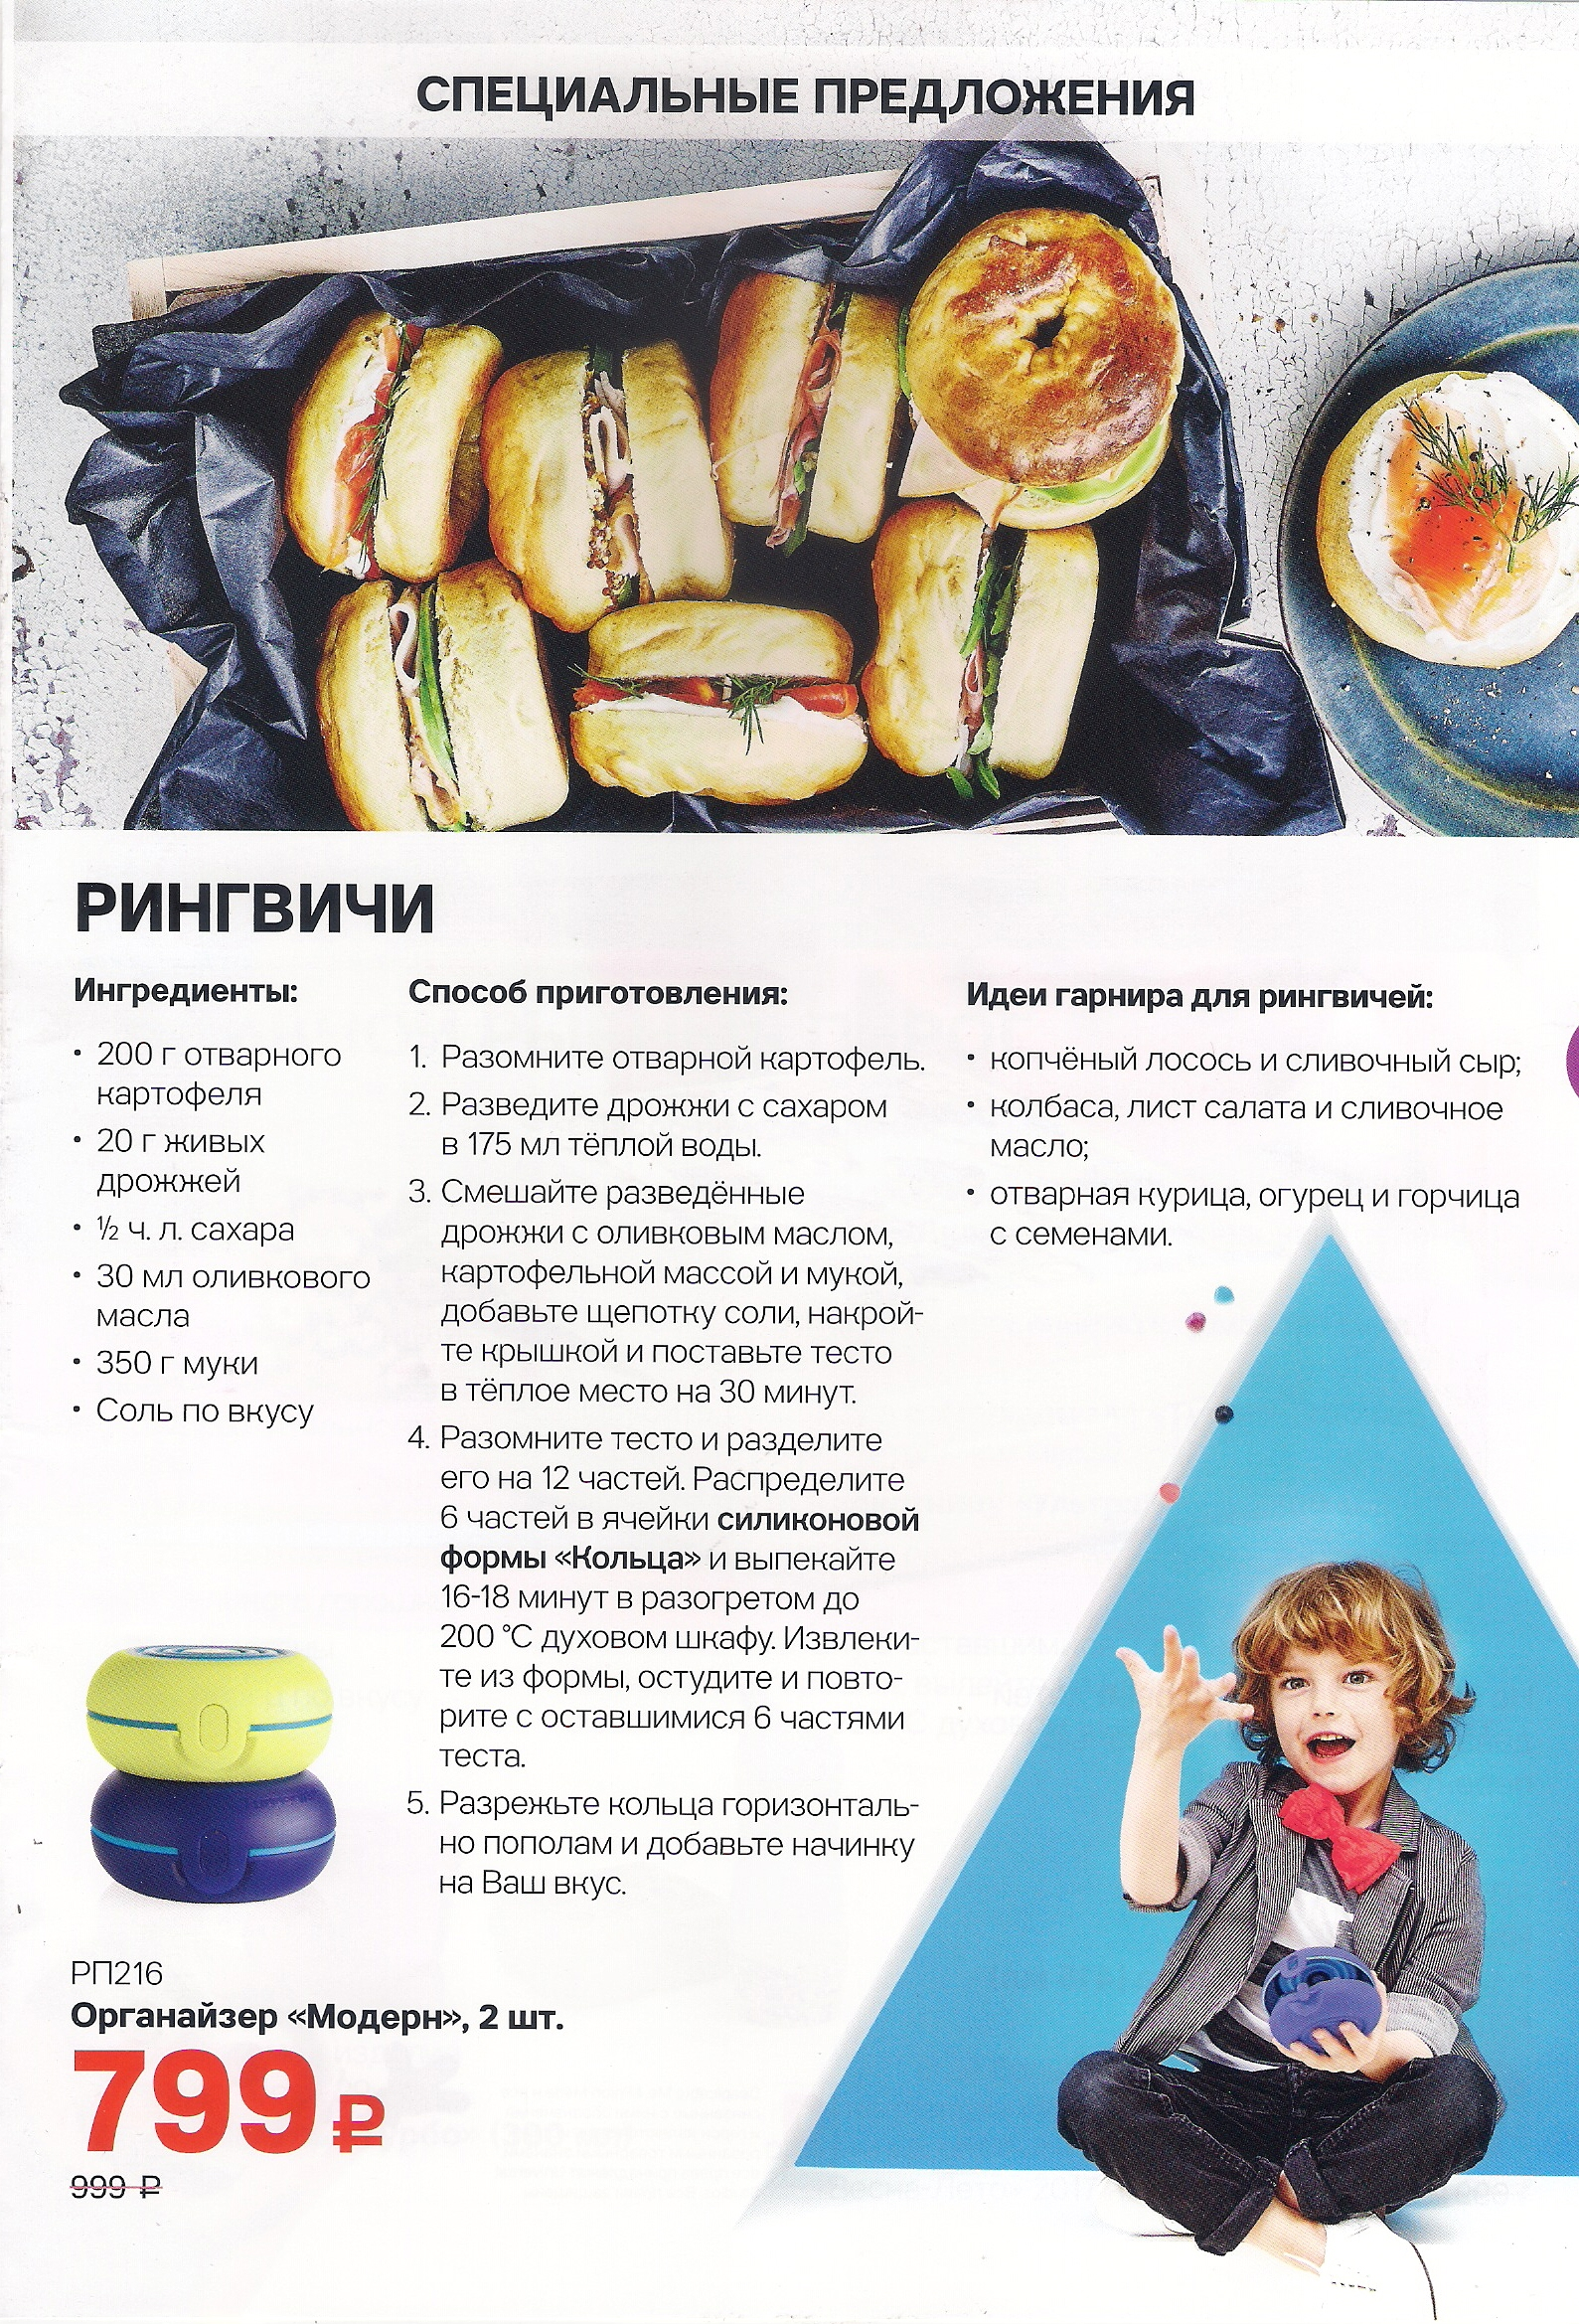 http://tupperware-online.ru/images/upload/15n.jpg